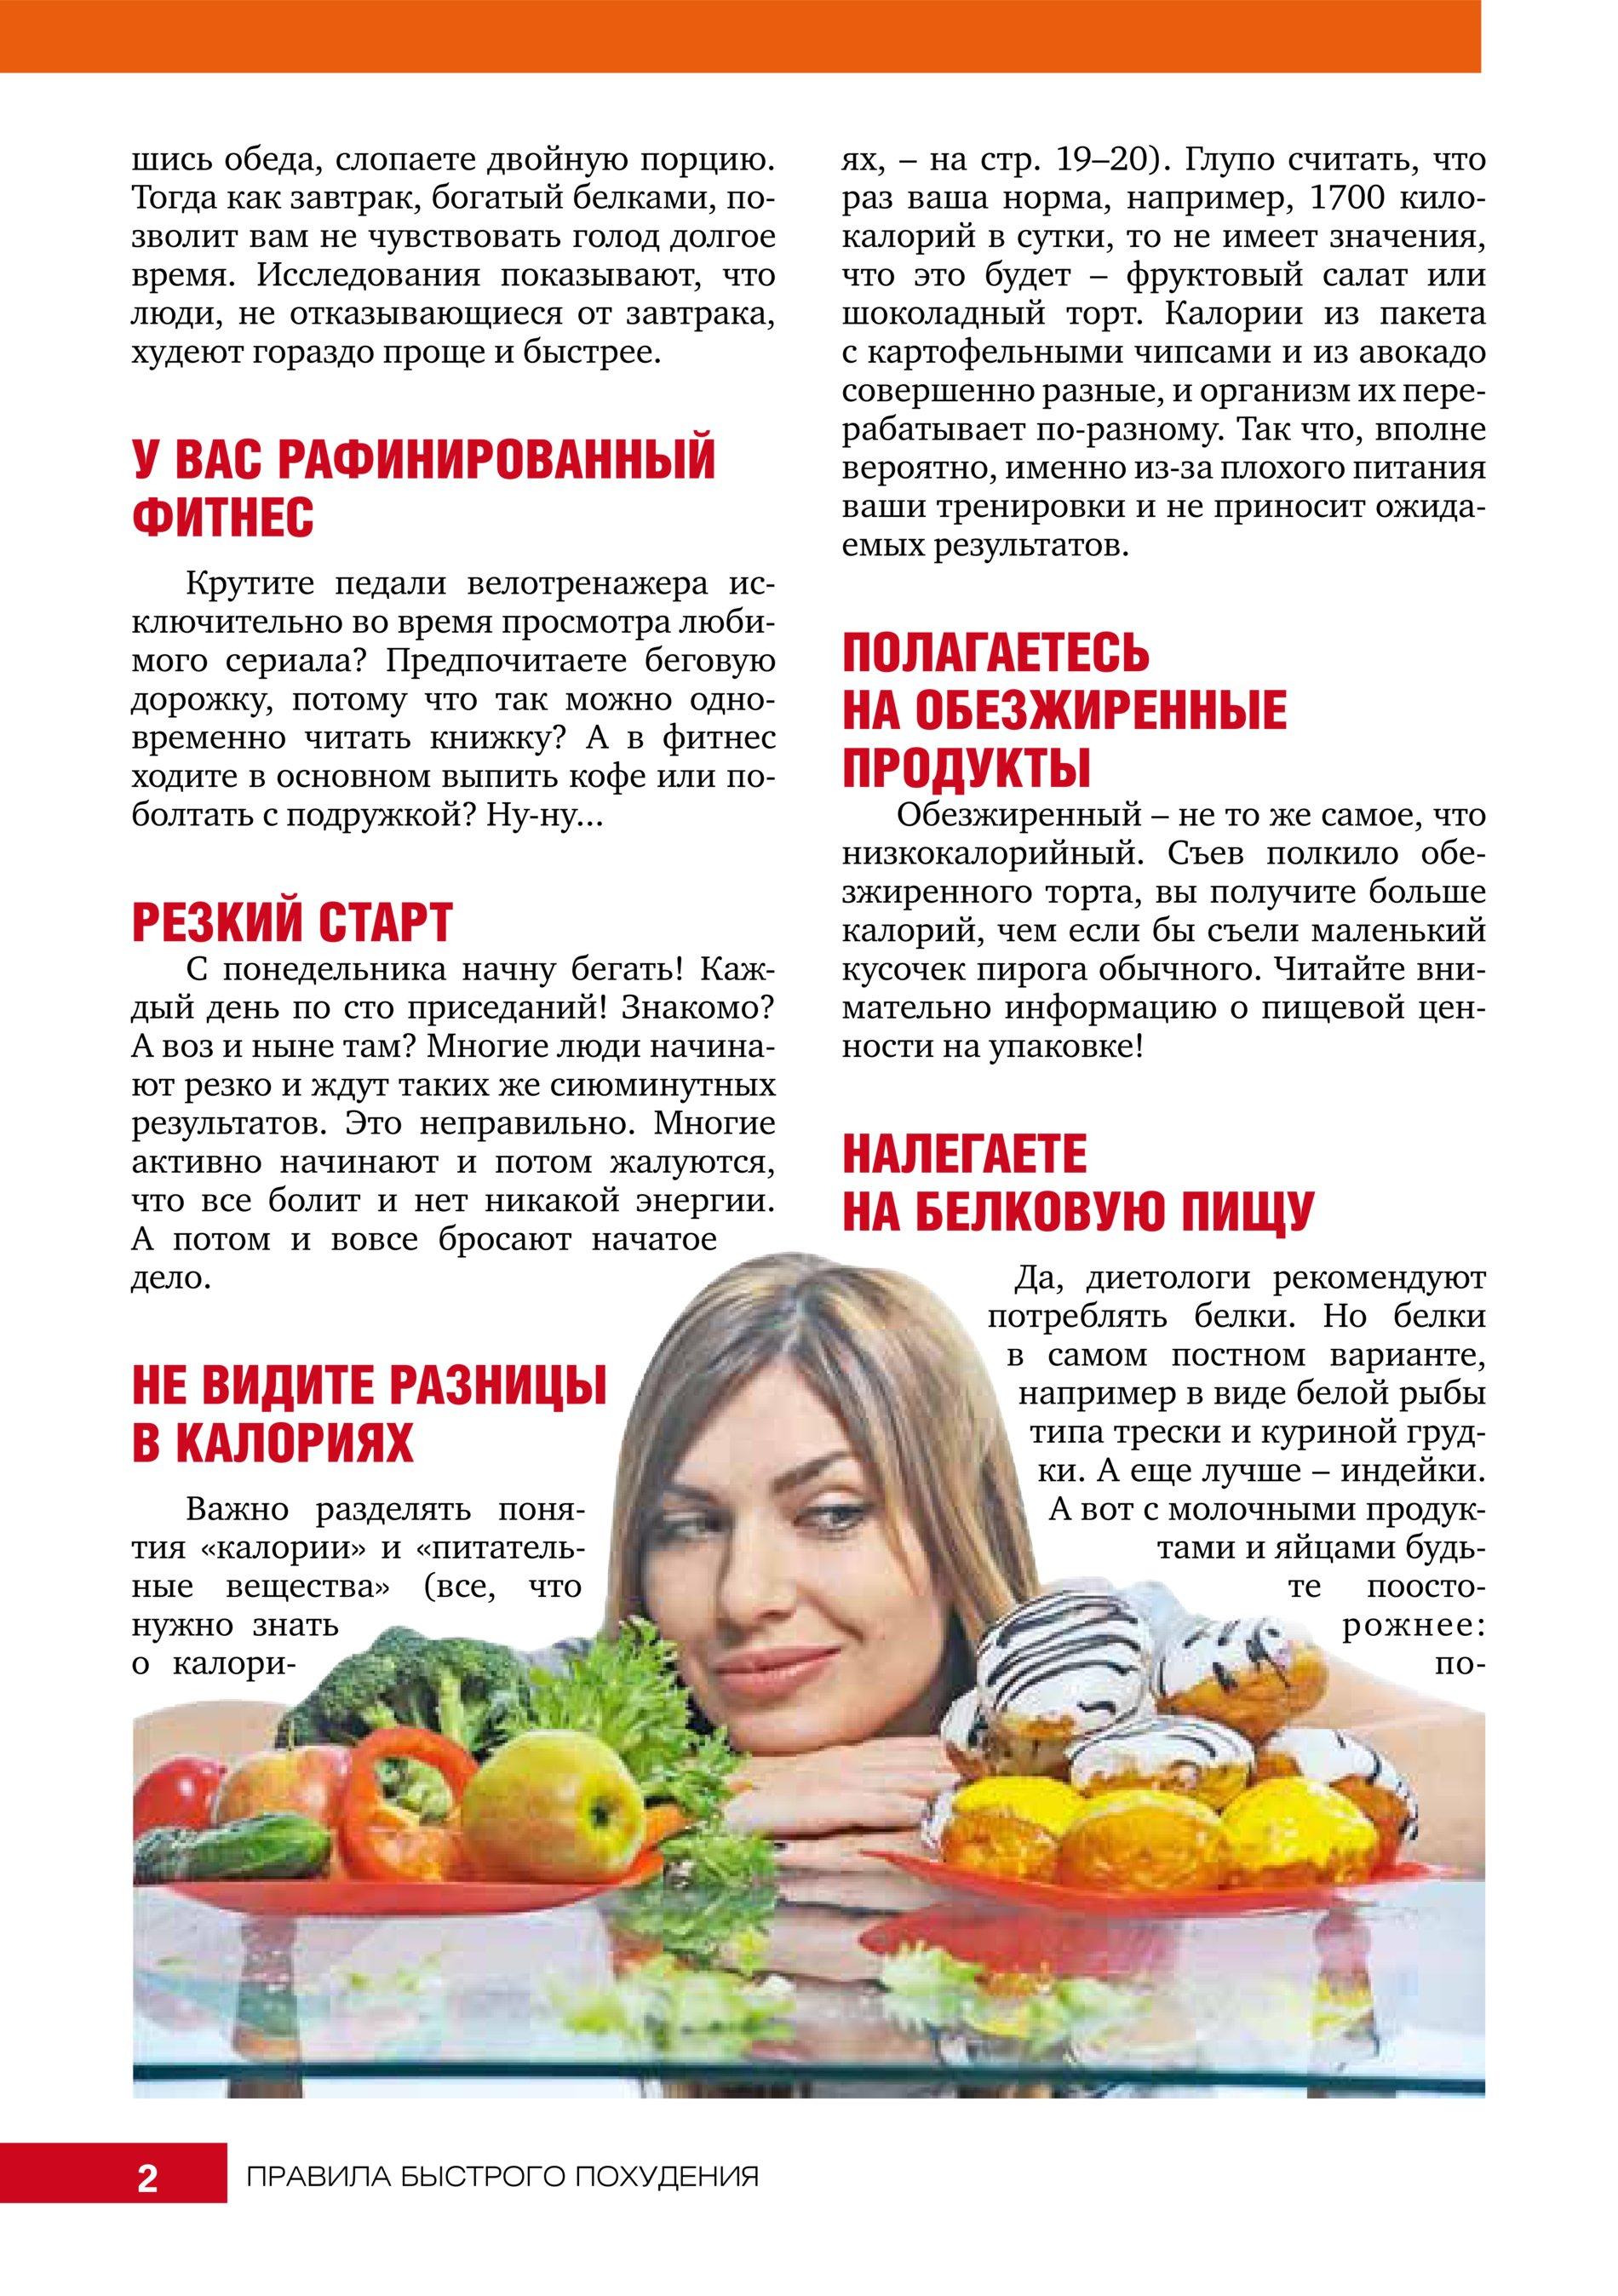 Правила Похудения Статьи. Как похудеть? Просто! 10 реальных историй похудения. 20 золотых правил на пути к идеальному телу